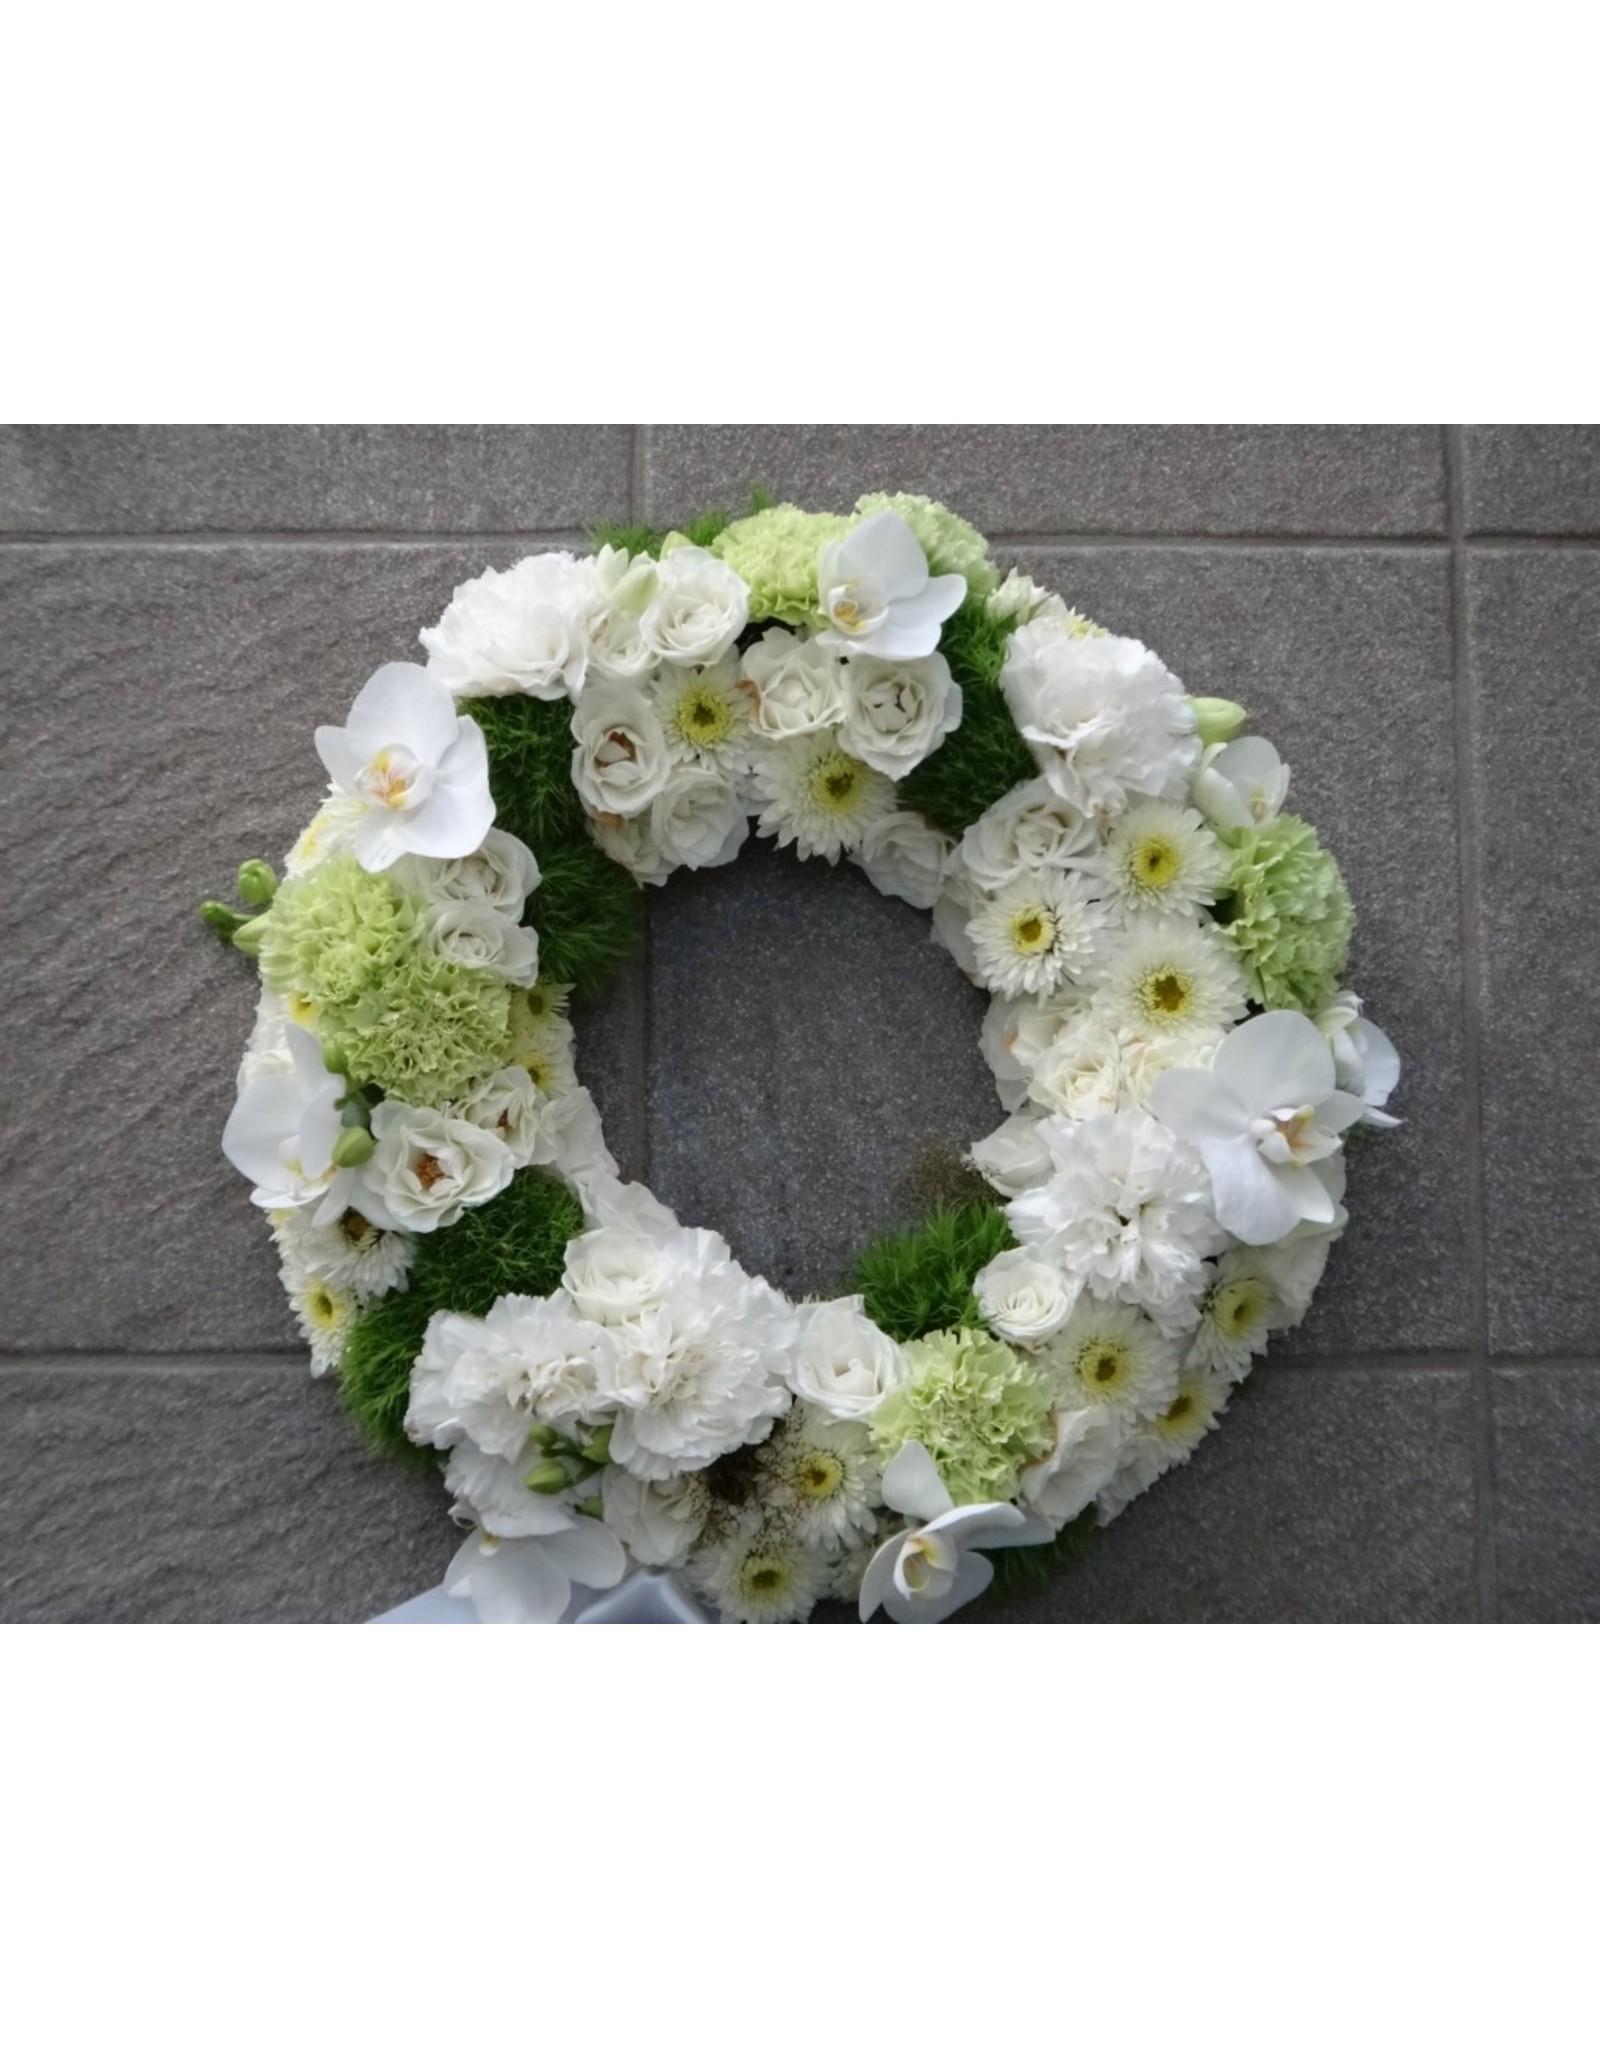 bloemenkrans kan rond de urne